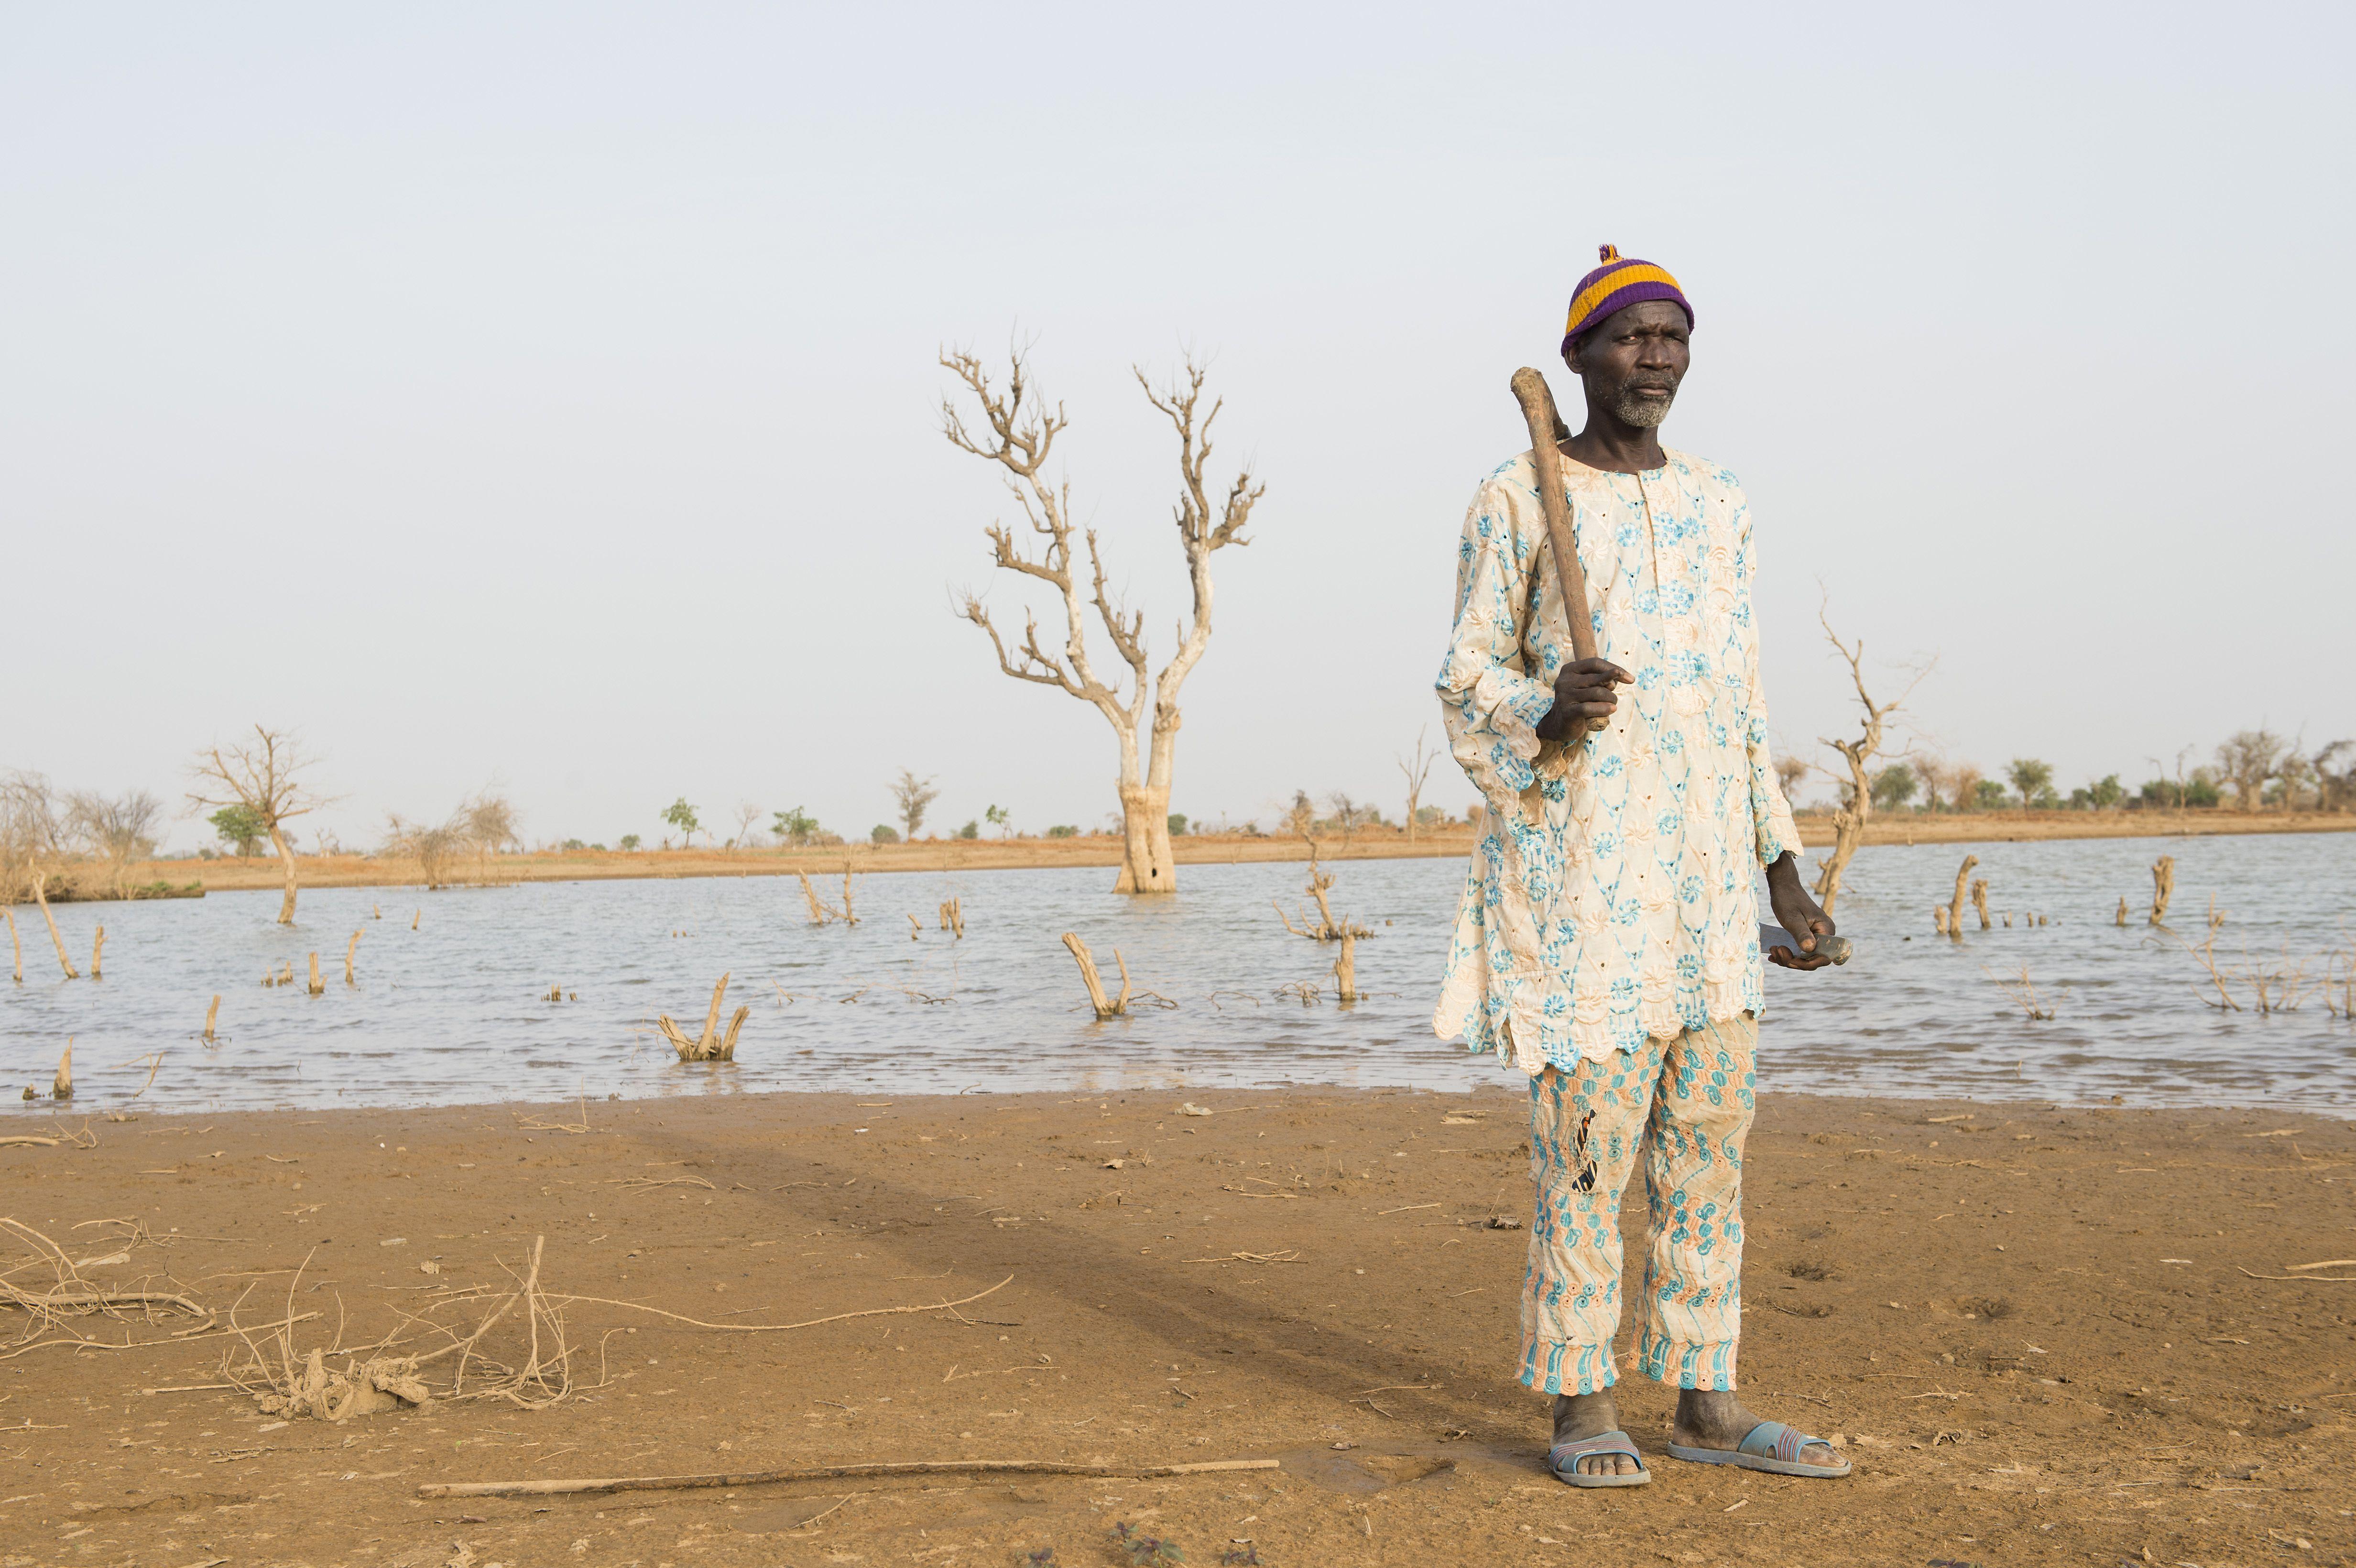 Un paysan devant son champ  inondé à cause de la mine. ©Meinrad Schade/Action de Carême